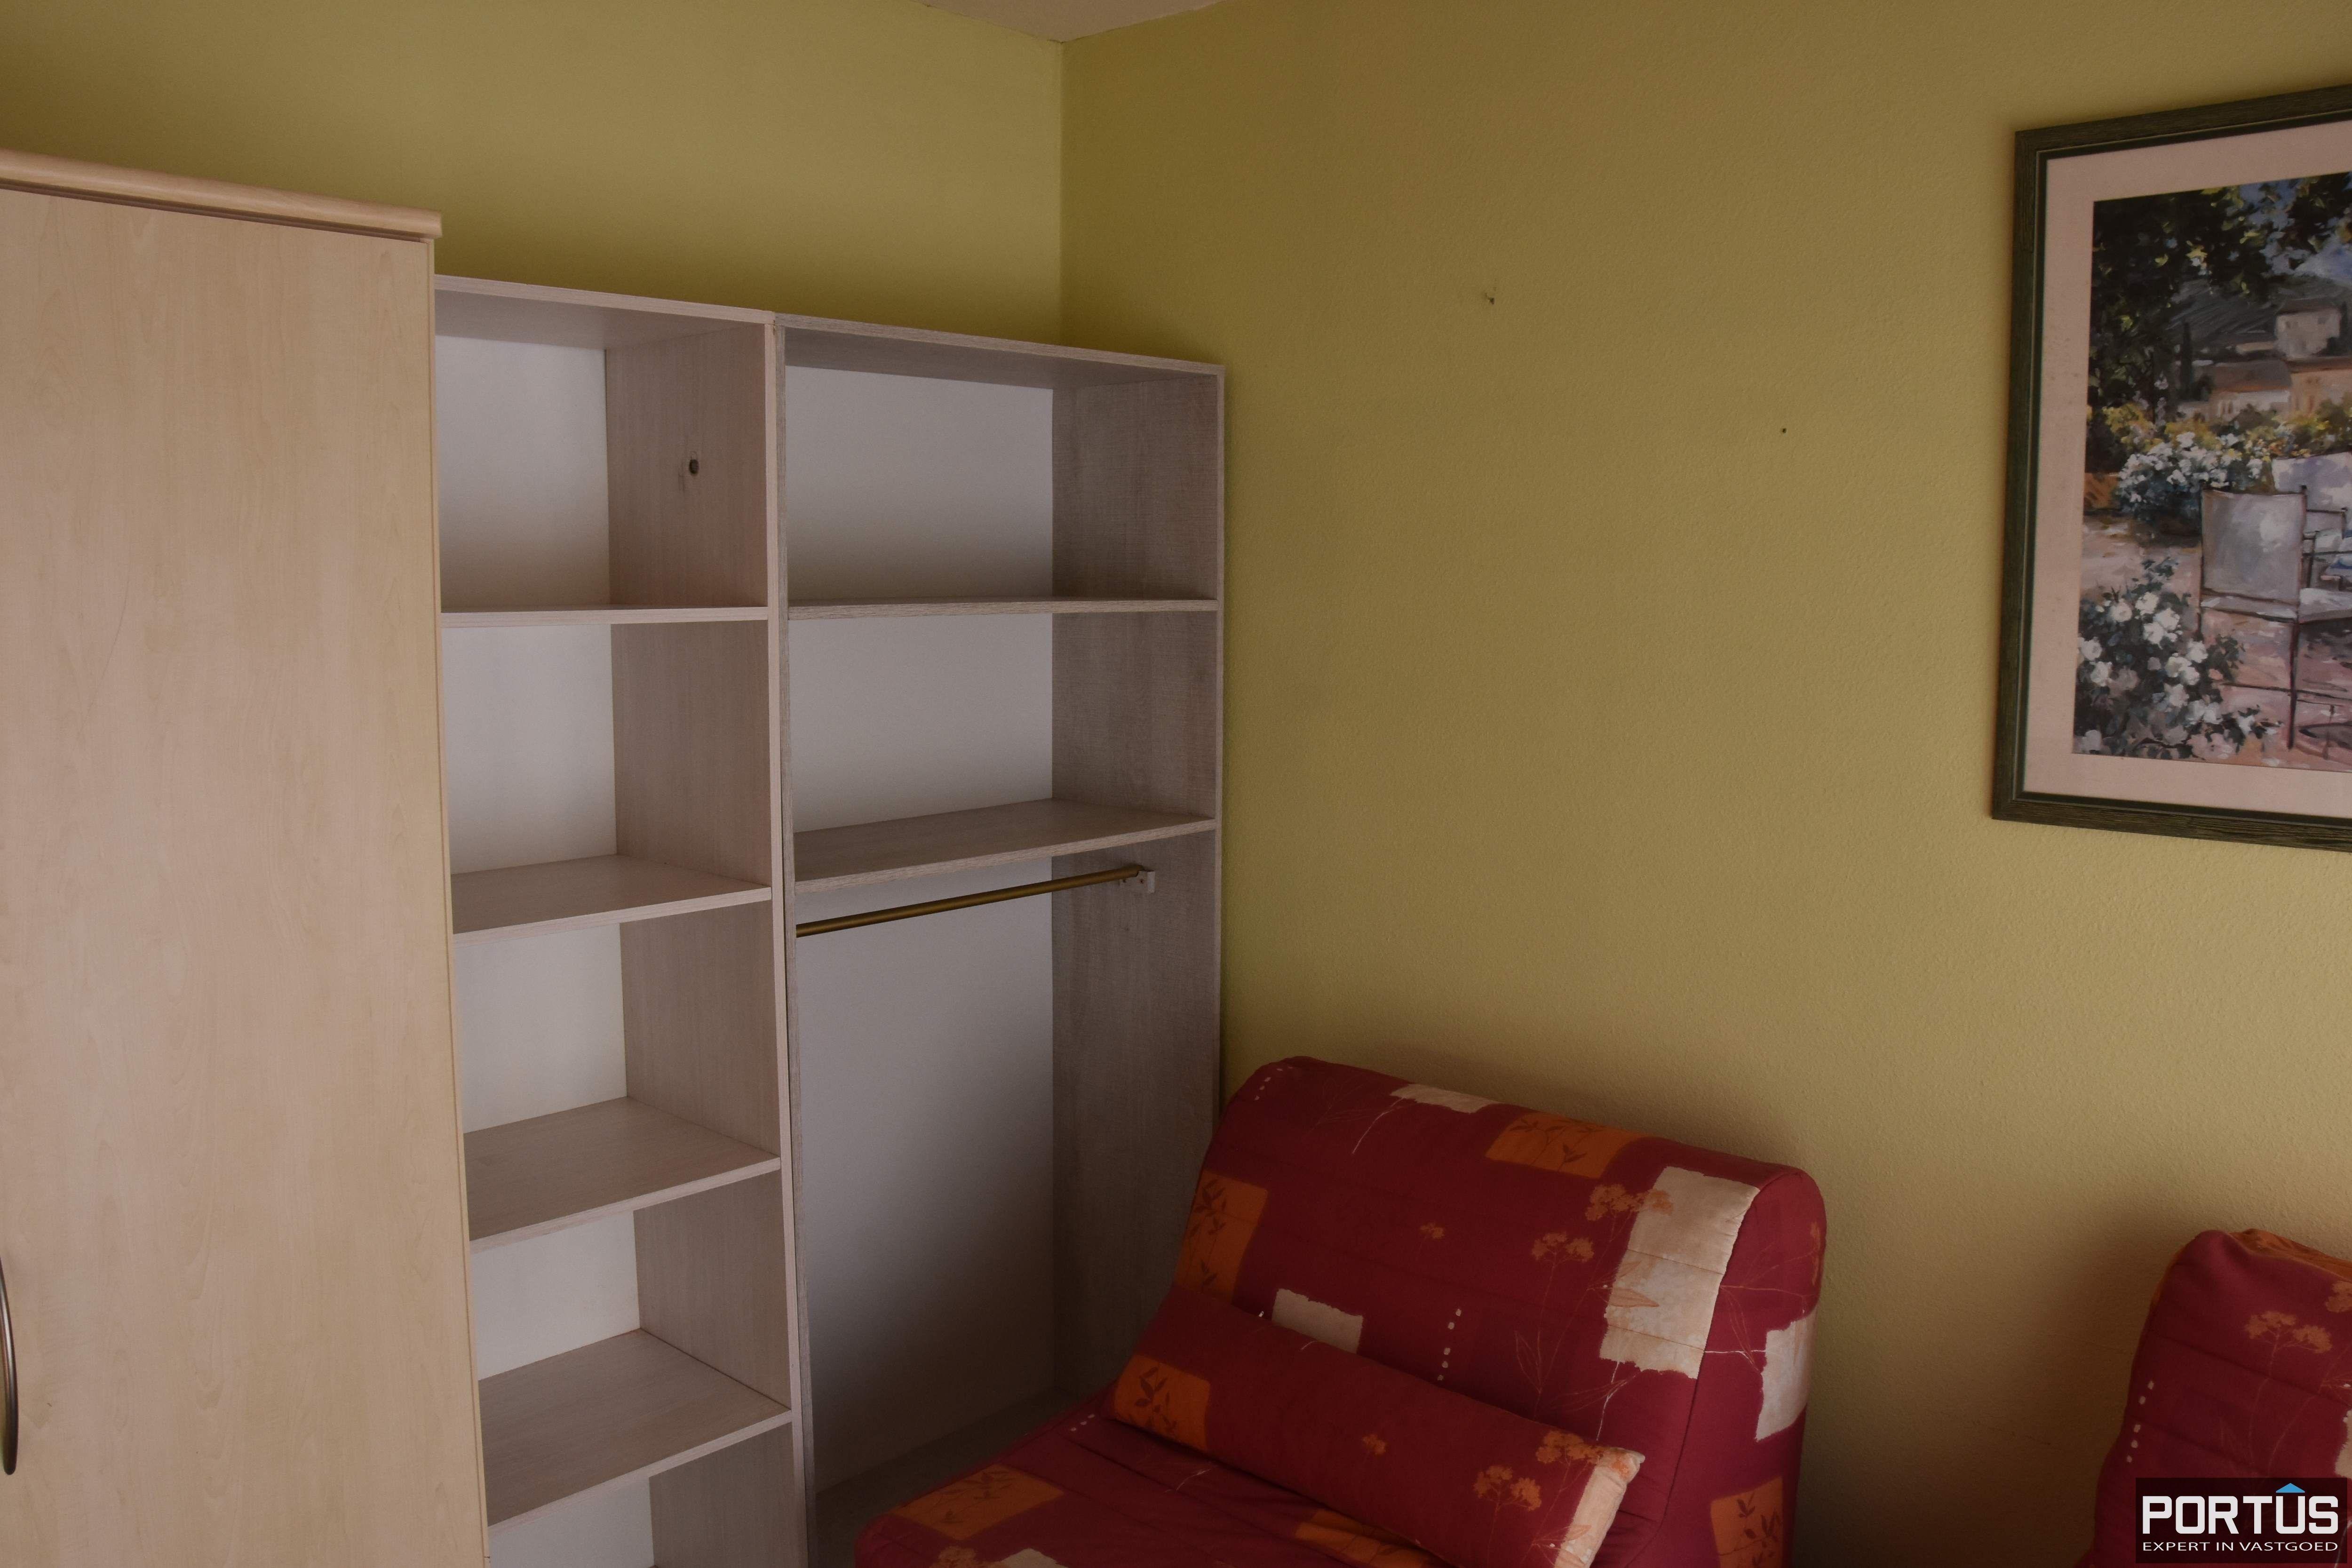 Appartement met staanplaats en berging te huur Nieuwpoort - 9713